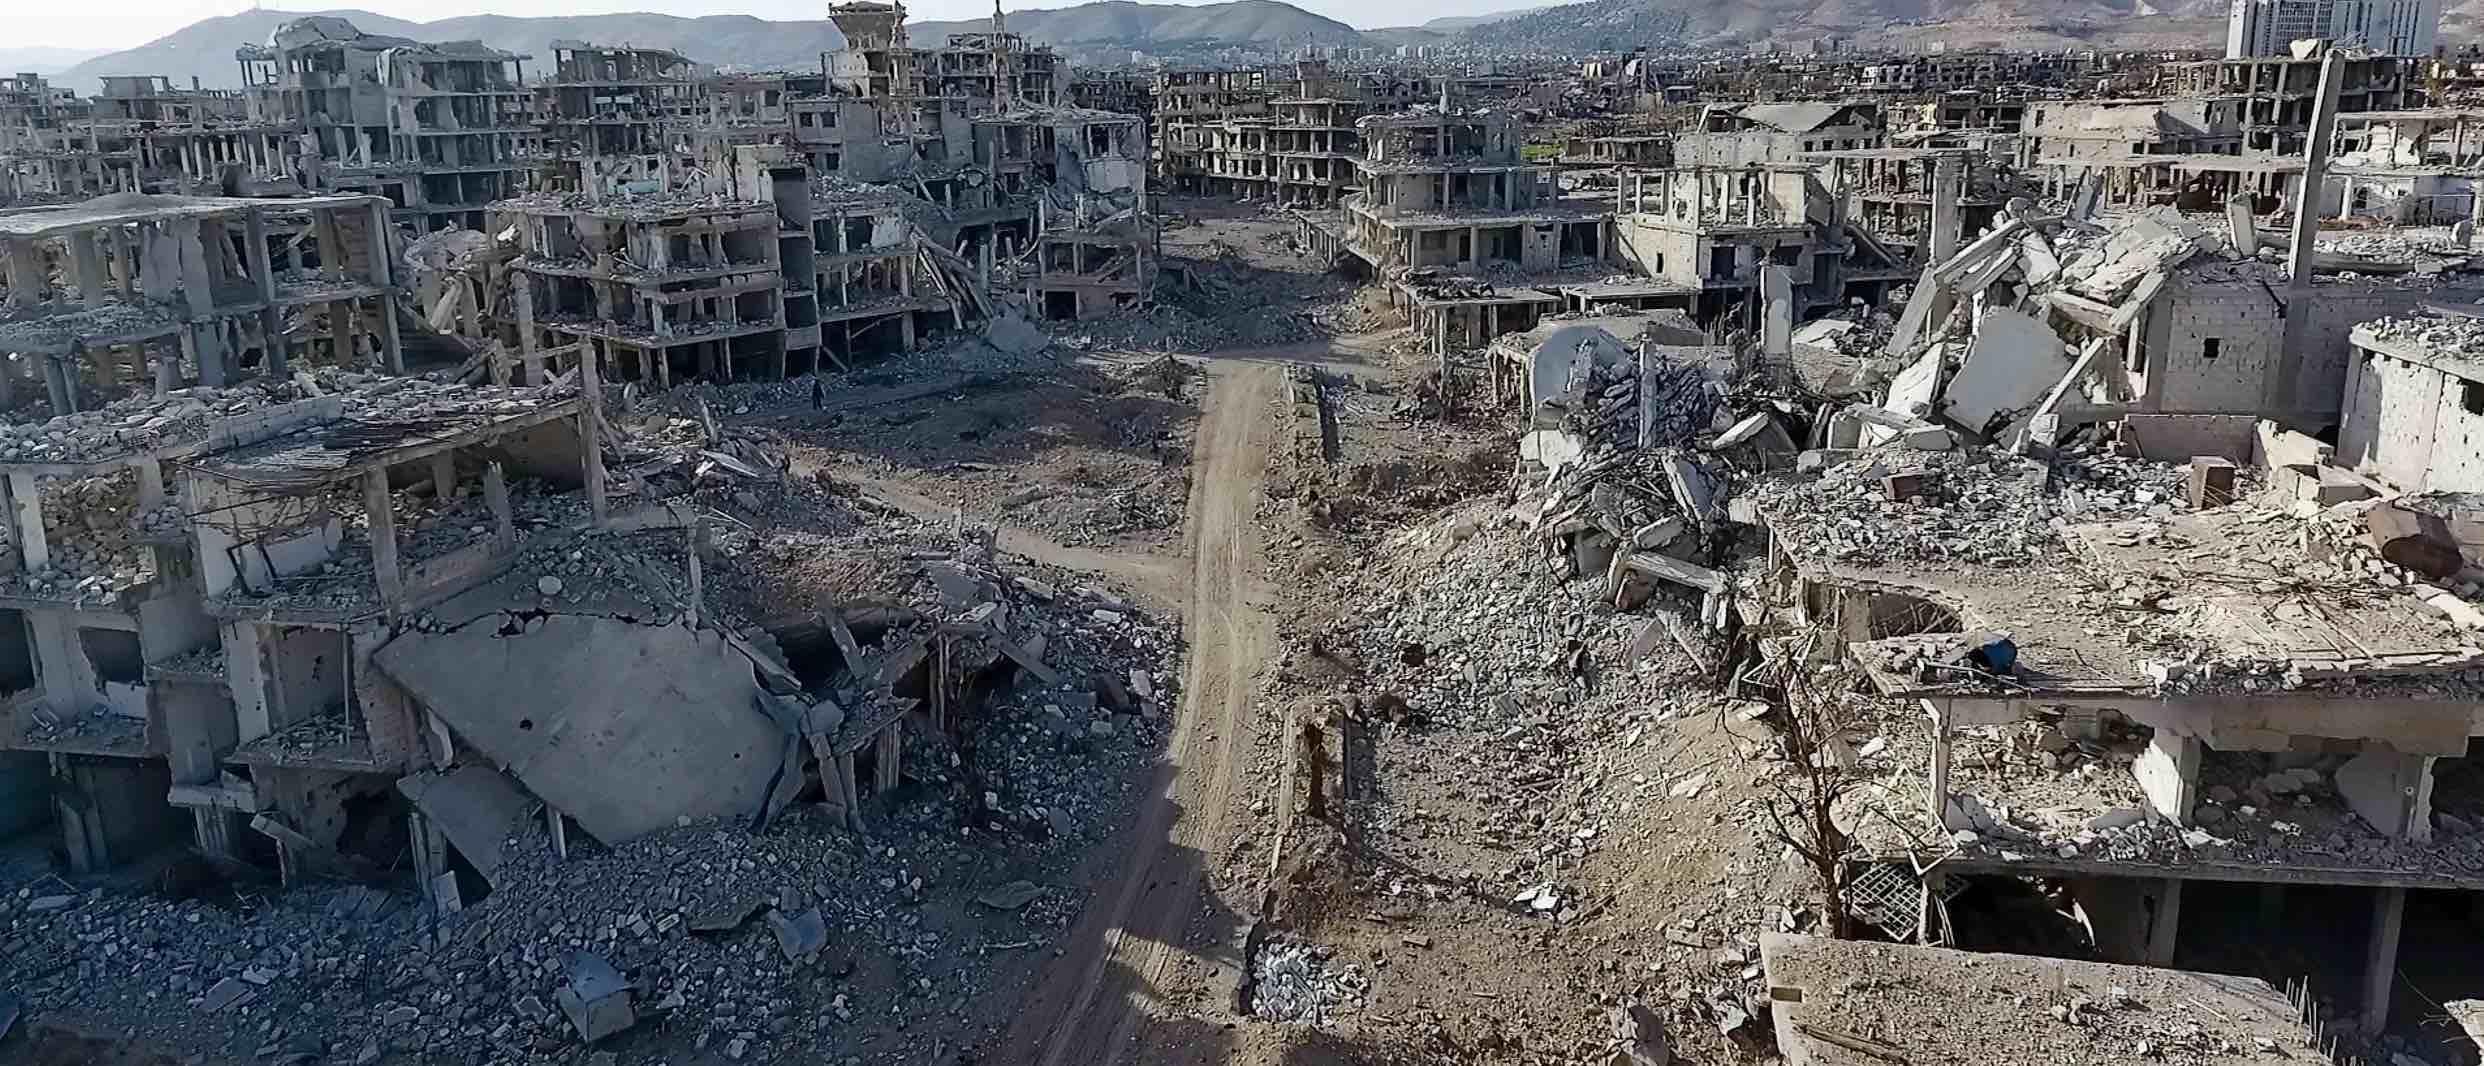 Wreckage in Arbin town, Eastern Ghouta region, Syria, on 9 March (Photo: Ammar Al Bushy/Getty)